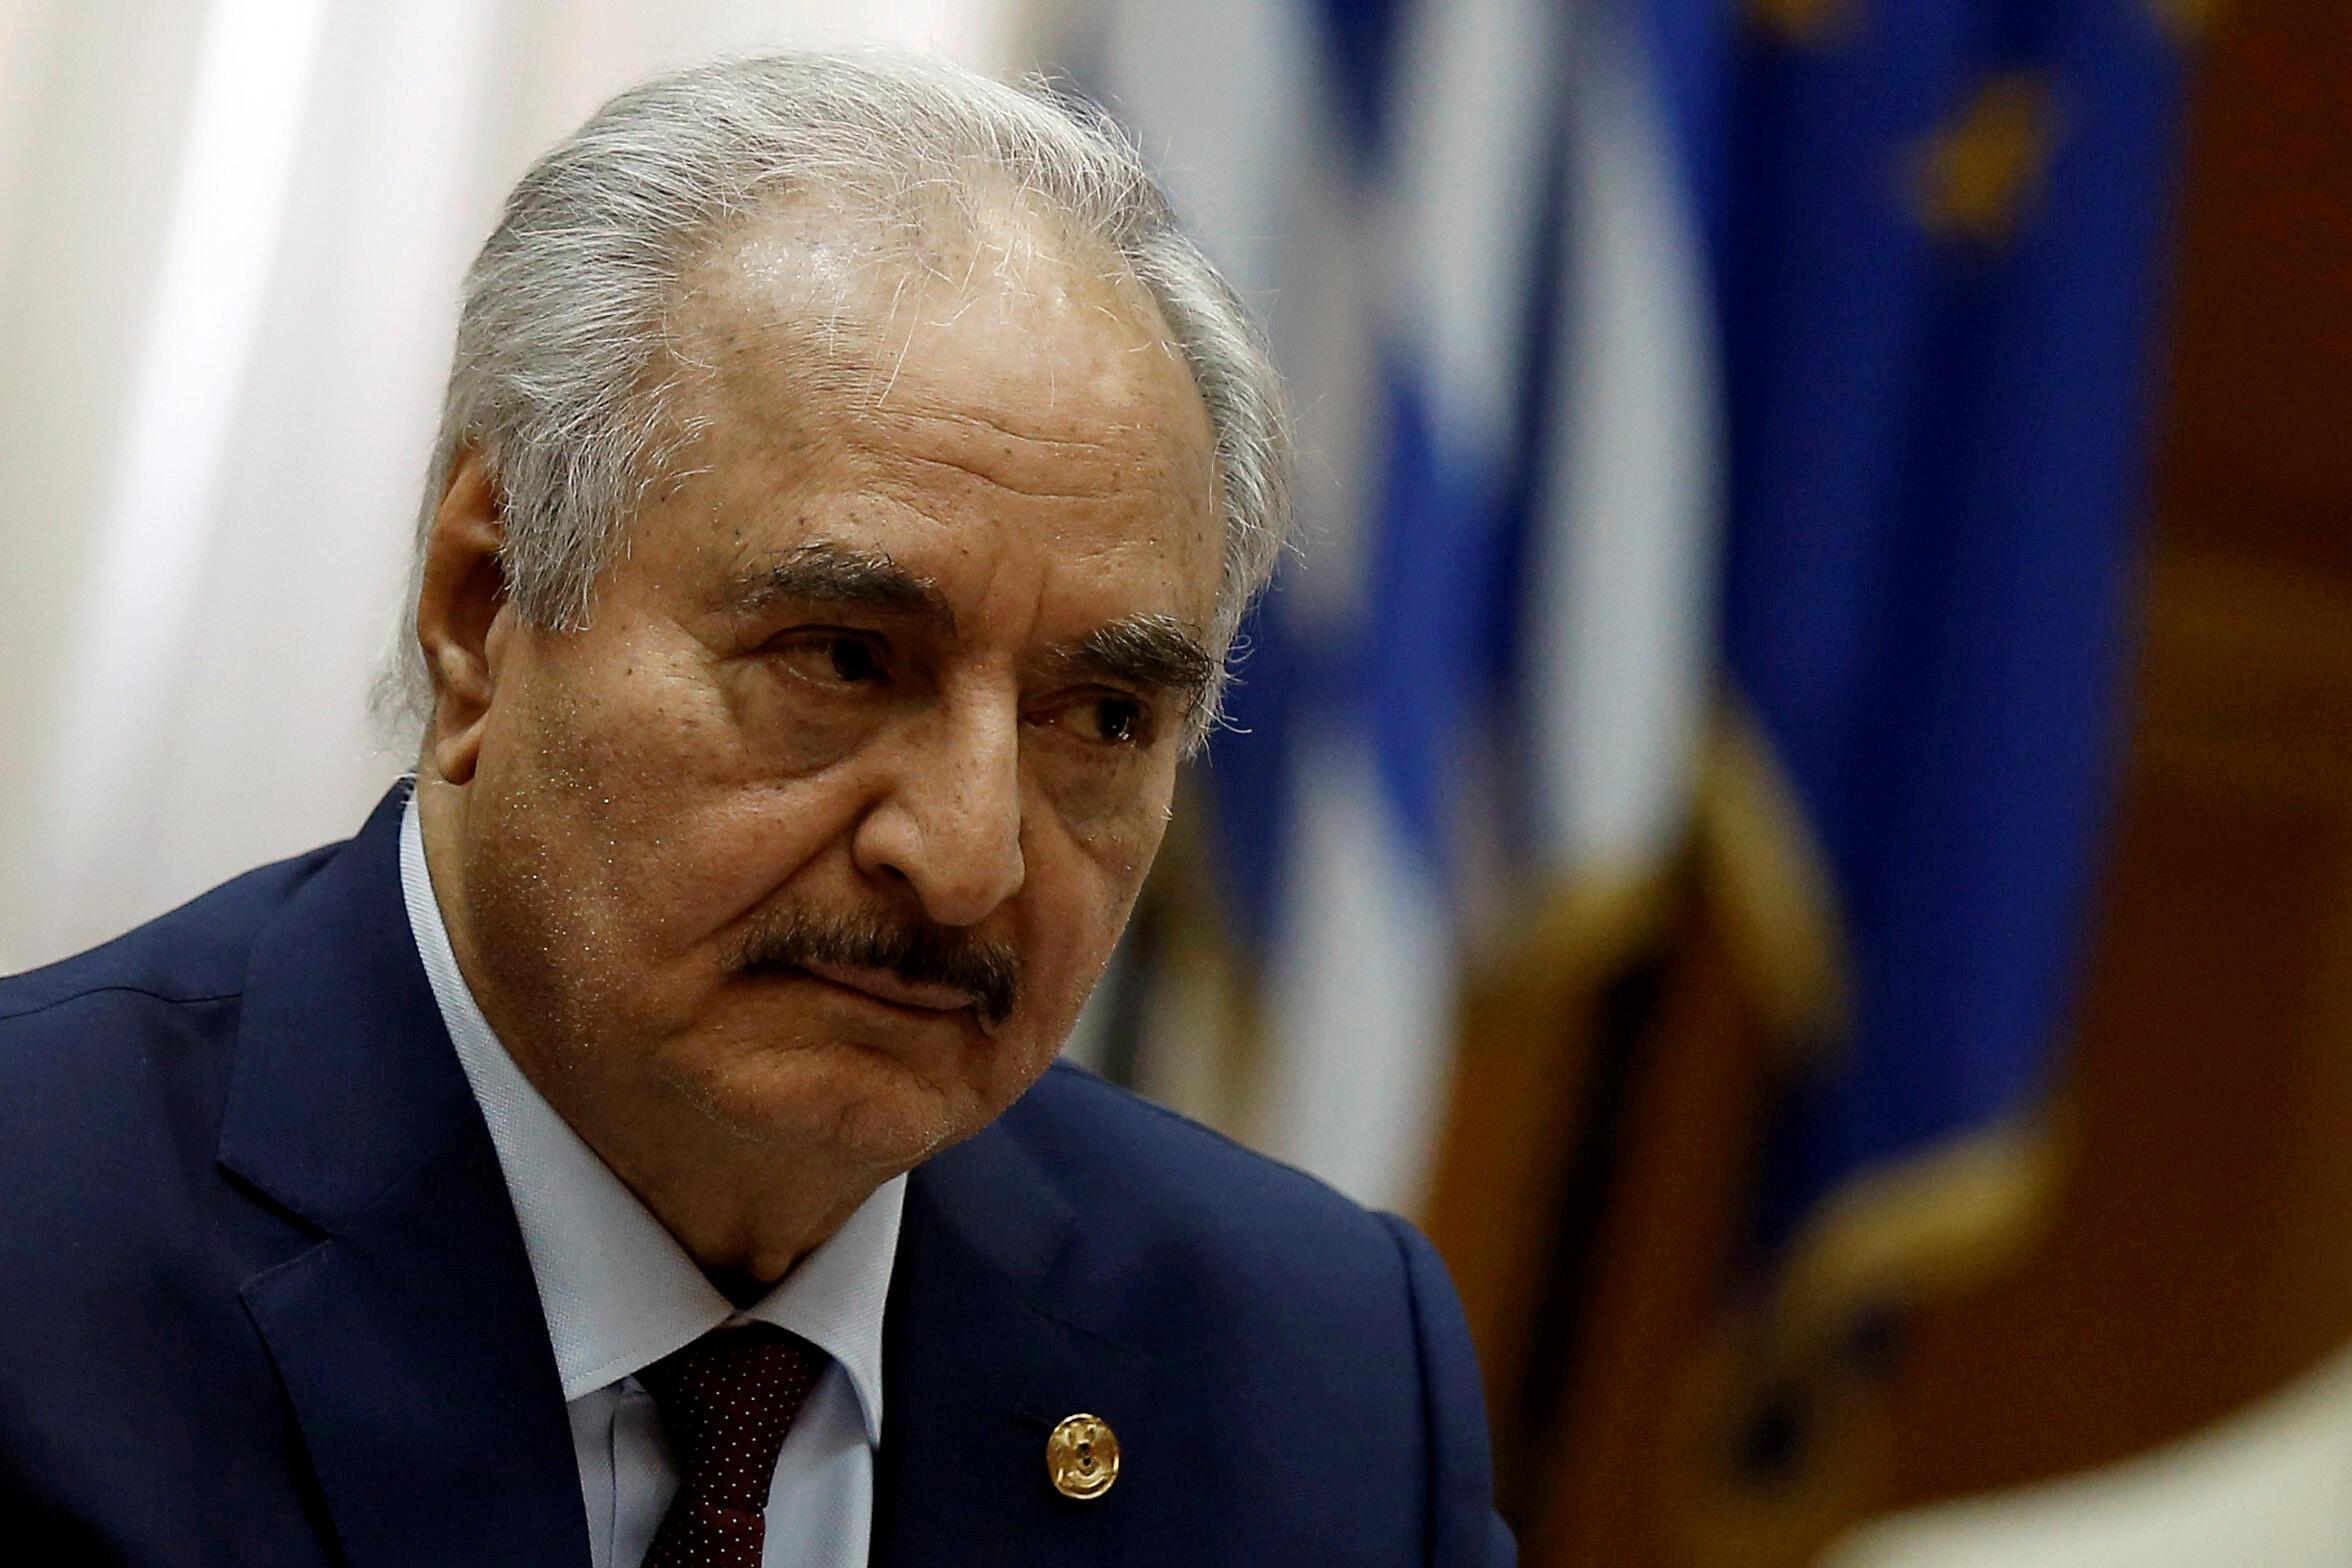 Le chef militaire de l'Est lybien Khalifa Haftar le 17 janvier 2020 à Athènes.